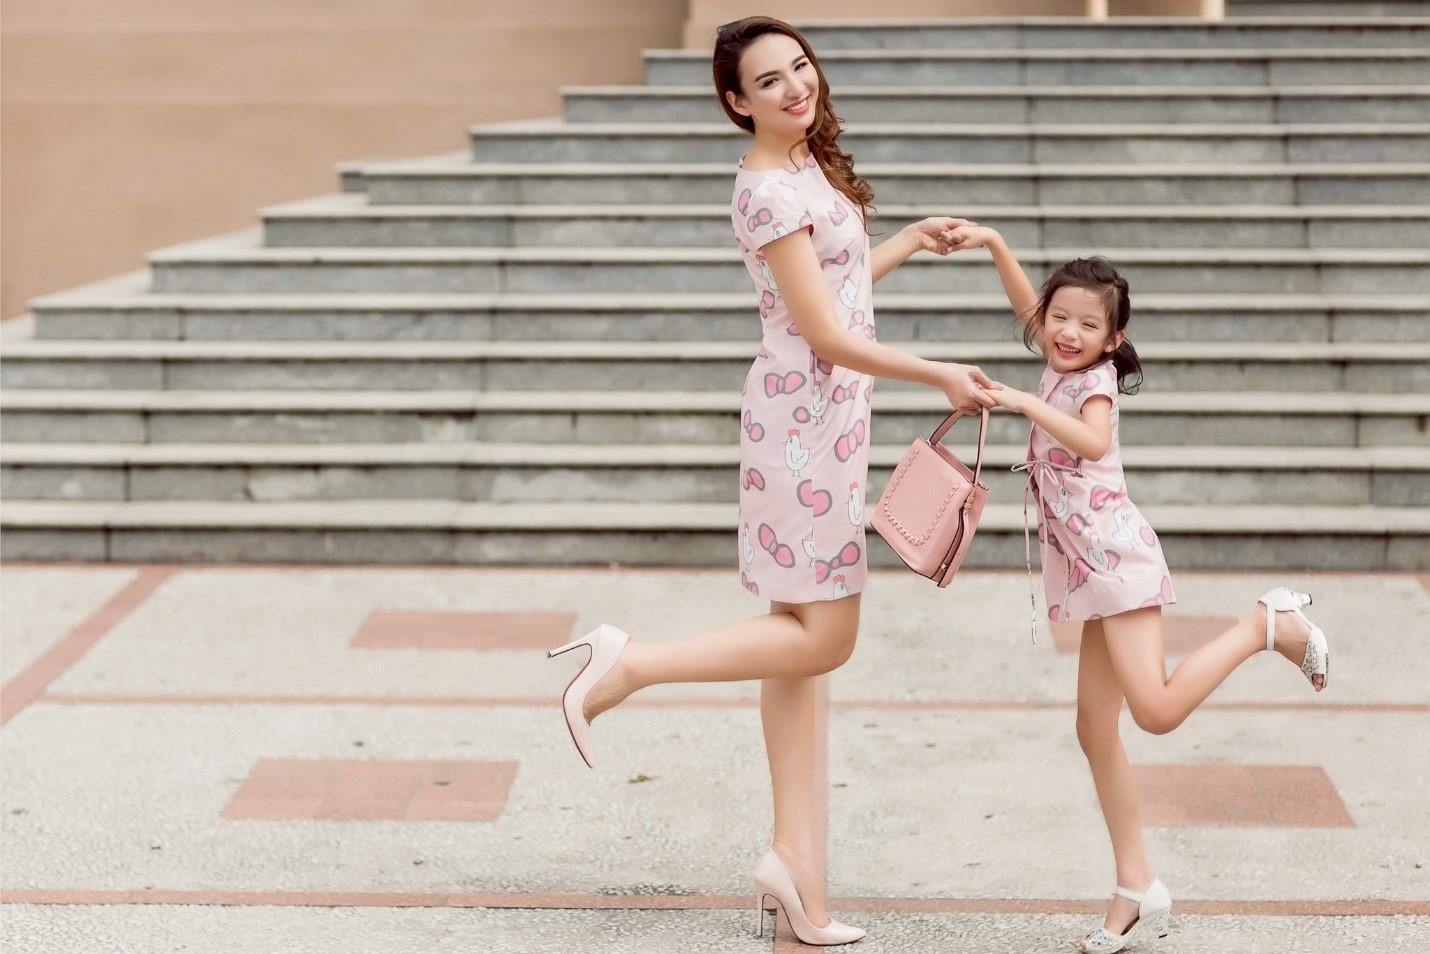 Cùng Vy Oanh, Linh Nga, Trương Quỳnh Anh và Ngọc Diễm mang nụ cười đến trẻ em Việt Nam - Ảnh 1.